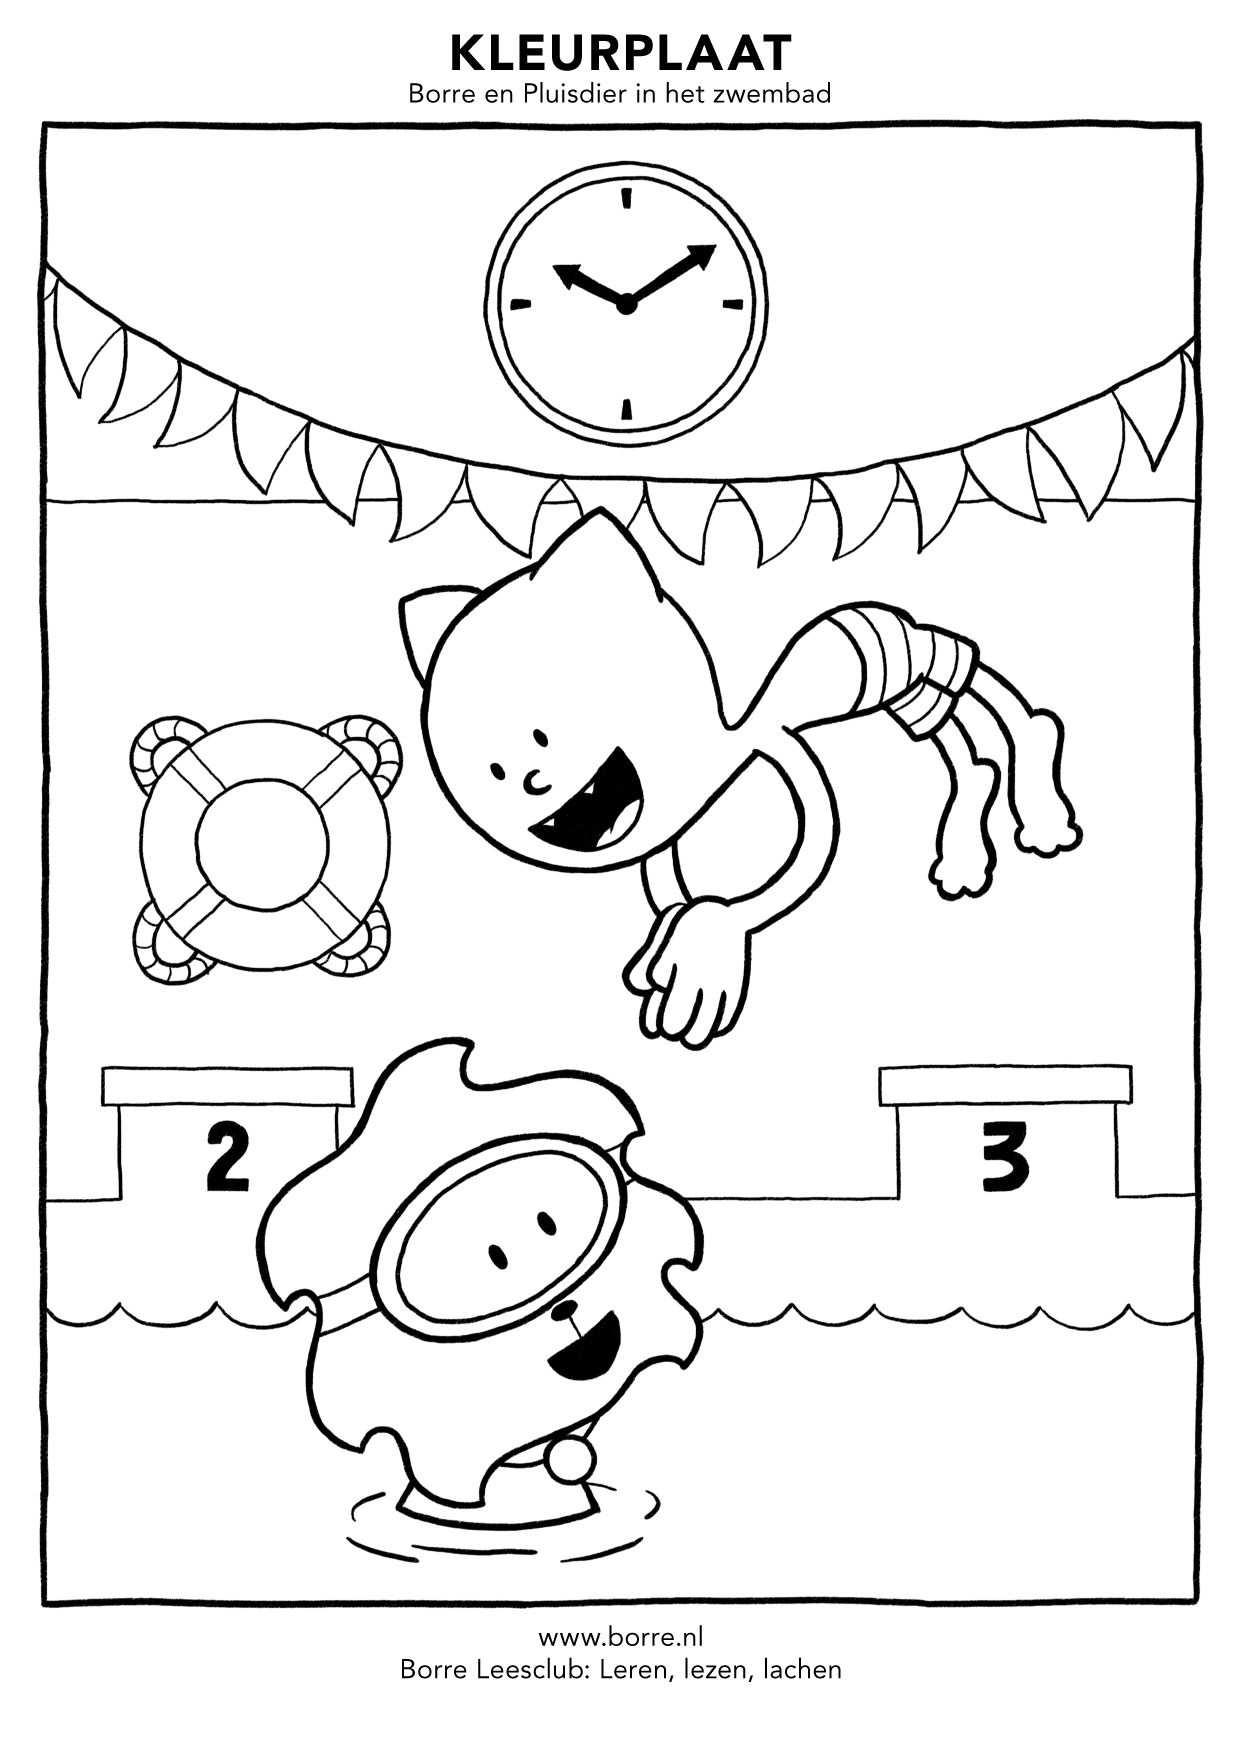 Borre En Pluisdier In Het Zwembad Kleurplaten In Hogere